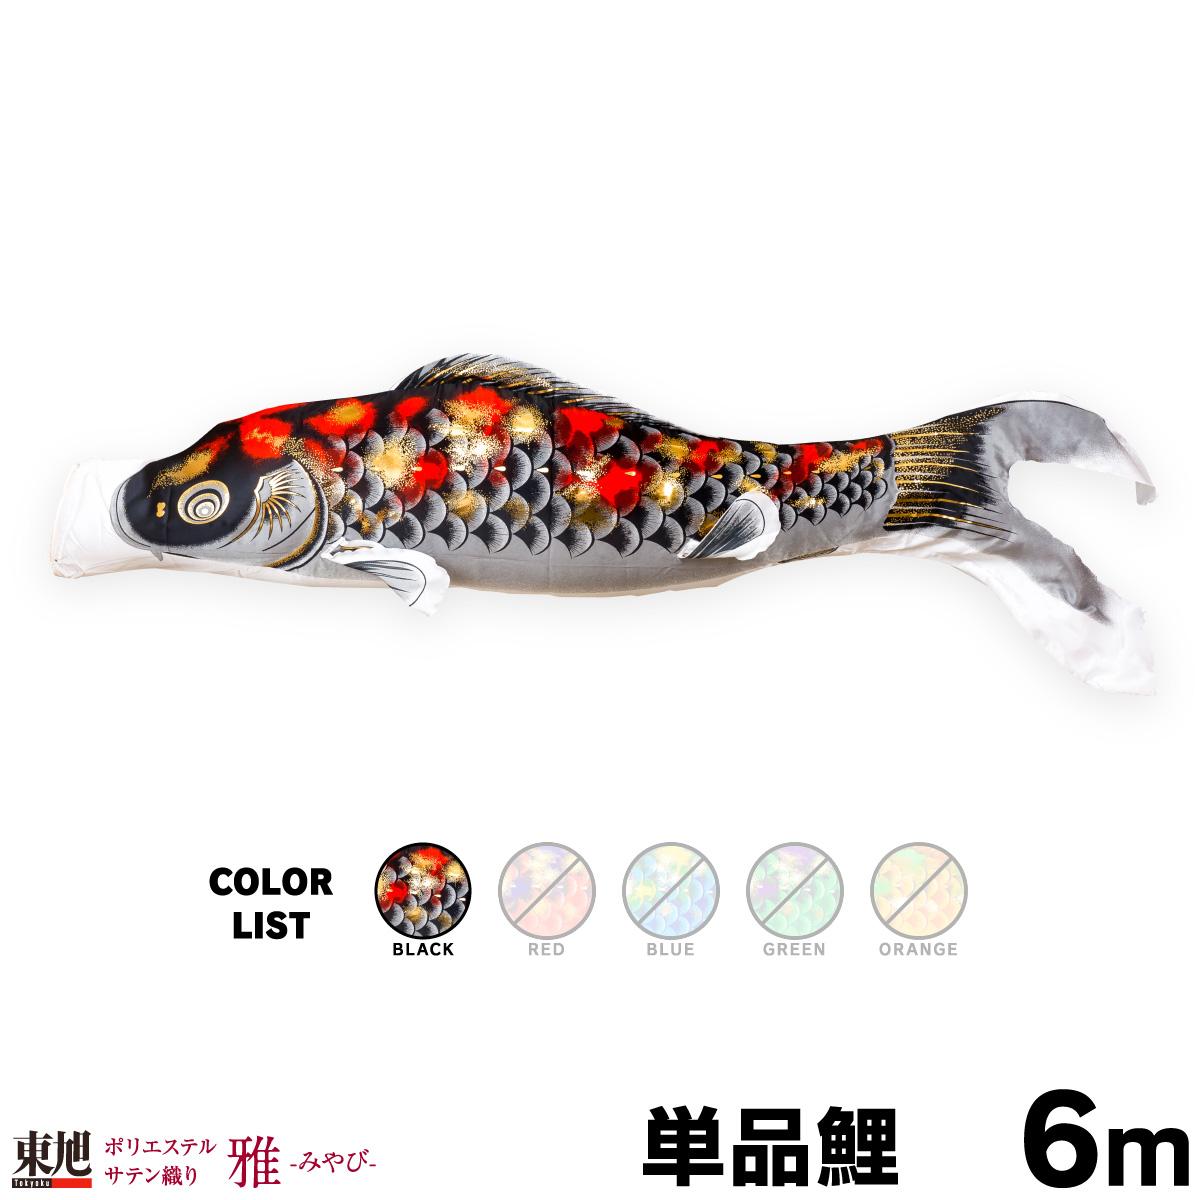 【こいのぼり 単品】 ポリエステルサテン織り 雅(みやび) 6m 単品鯉